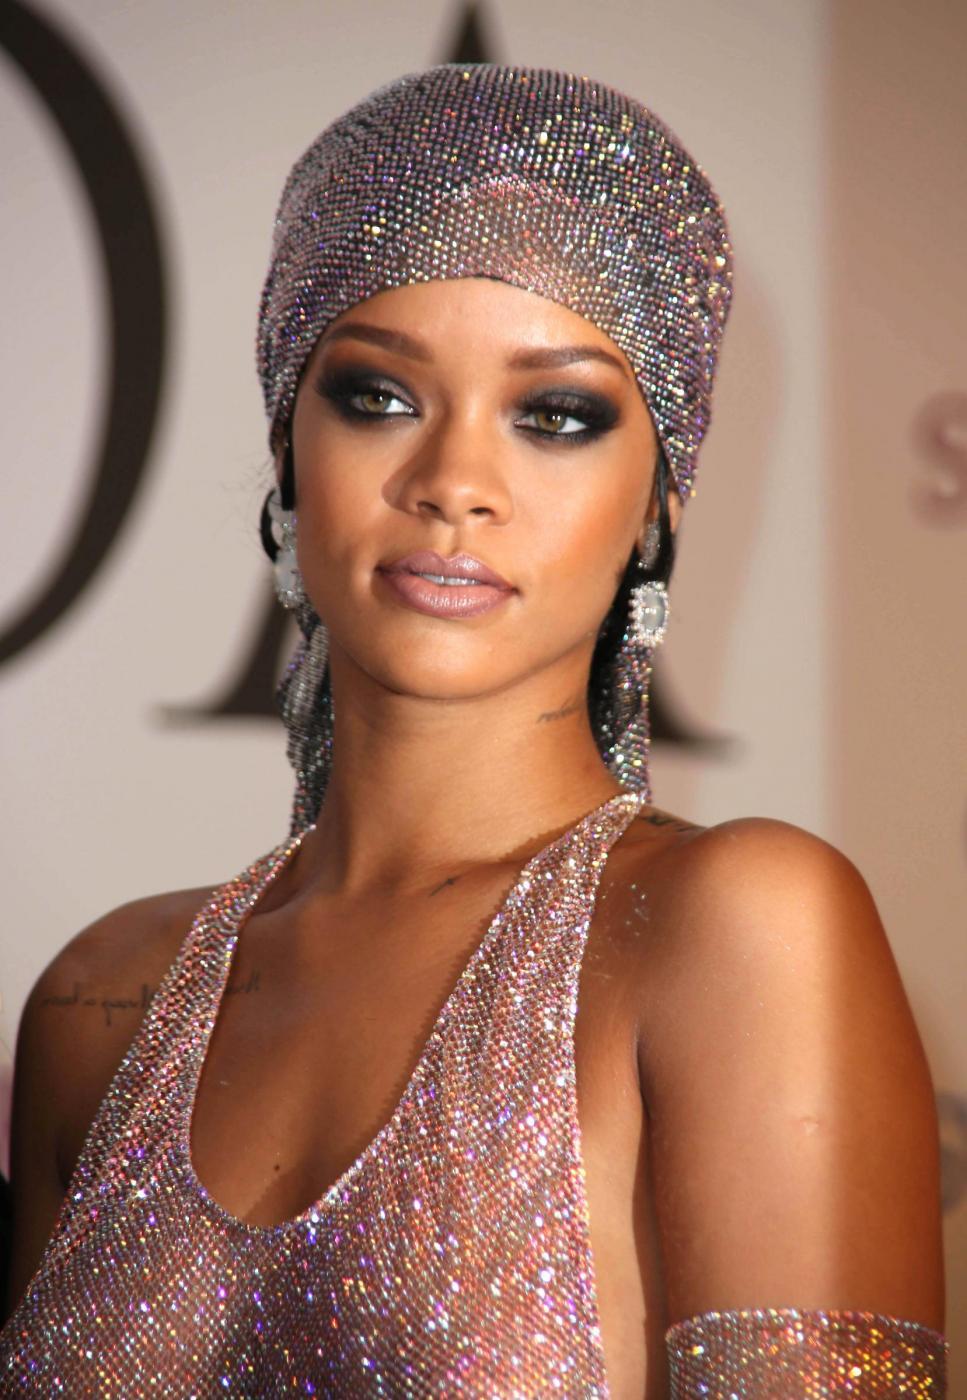 Perrie Edwards copia Rihanna: abito trasparente glitterato FOTO